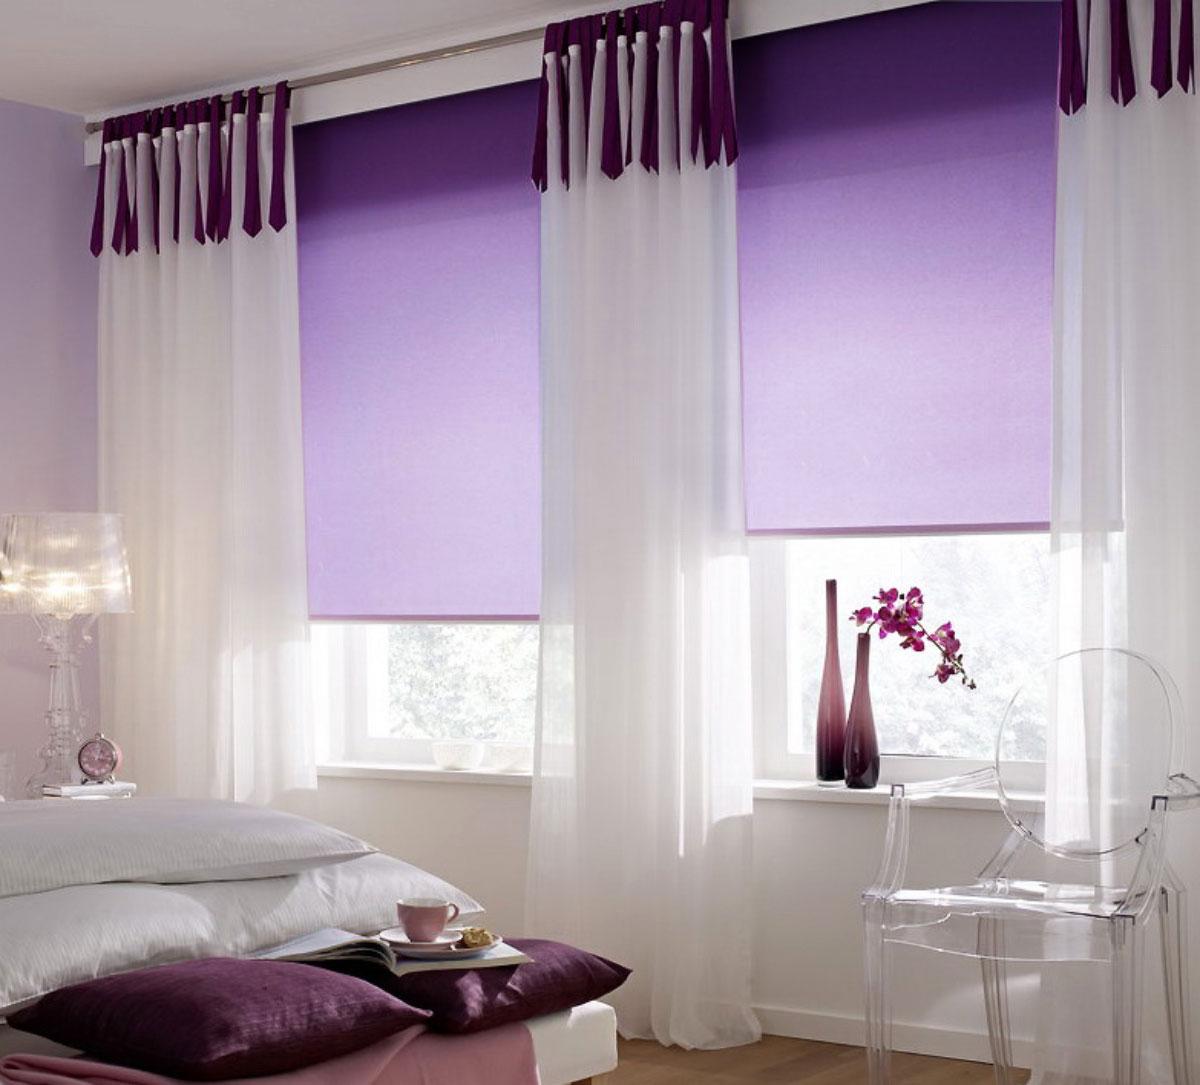 Штора рулонная Миниролло, 37х170см, тканевые, цвет: фиолетовый3037007Рулонная штора Миниролло выполнена из высокопрочной ткани, которая сохраняет свой размер даже при намокании. Ткань не выцветает и обладает отличной цветоустойчивостью. Миниролло - это подвид рулонных штор, который закрывает не весь оконный проем, а непосредственно само стекло. Такие шторы крепятся на раму без сверления при помощи зажимов или клейкой двухсторонней ленты. Окно остается на гарантии, благодаря монтажу без сверления. Такая штора станет прекрасным элементом декора окна и гармонично впишется в интерьер любого помещения.